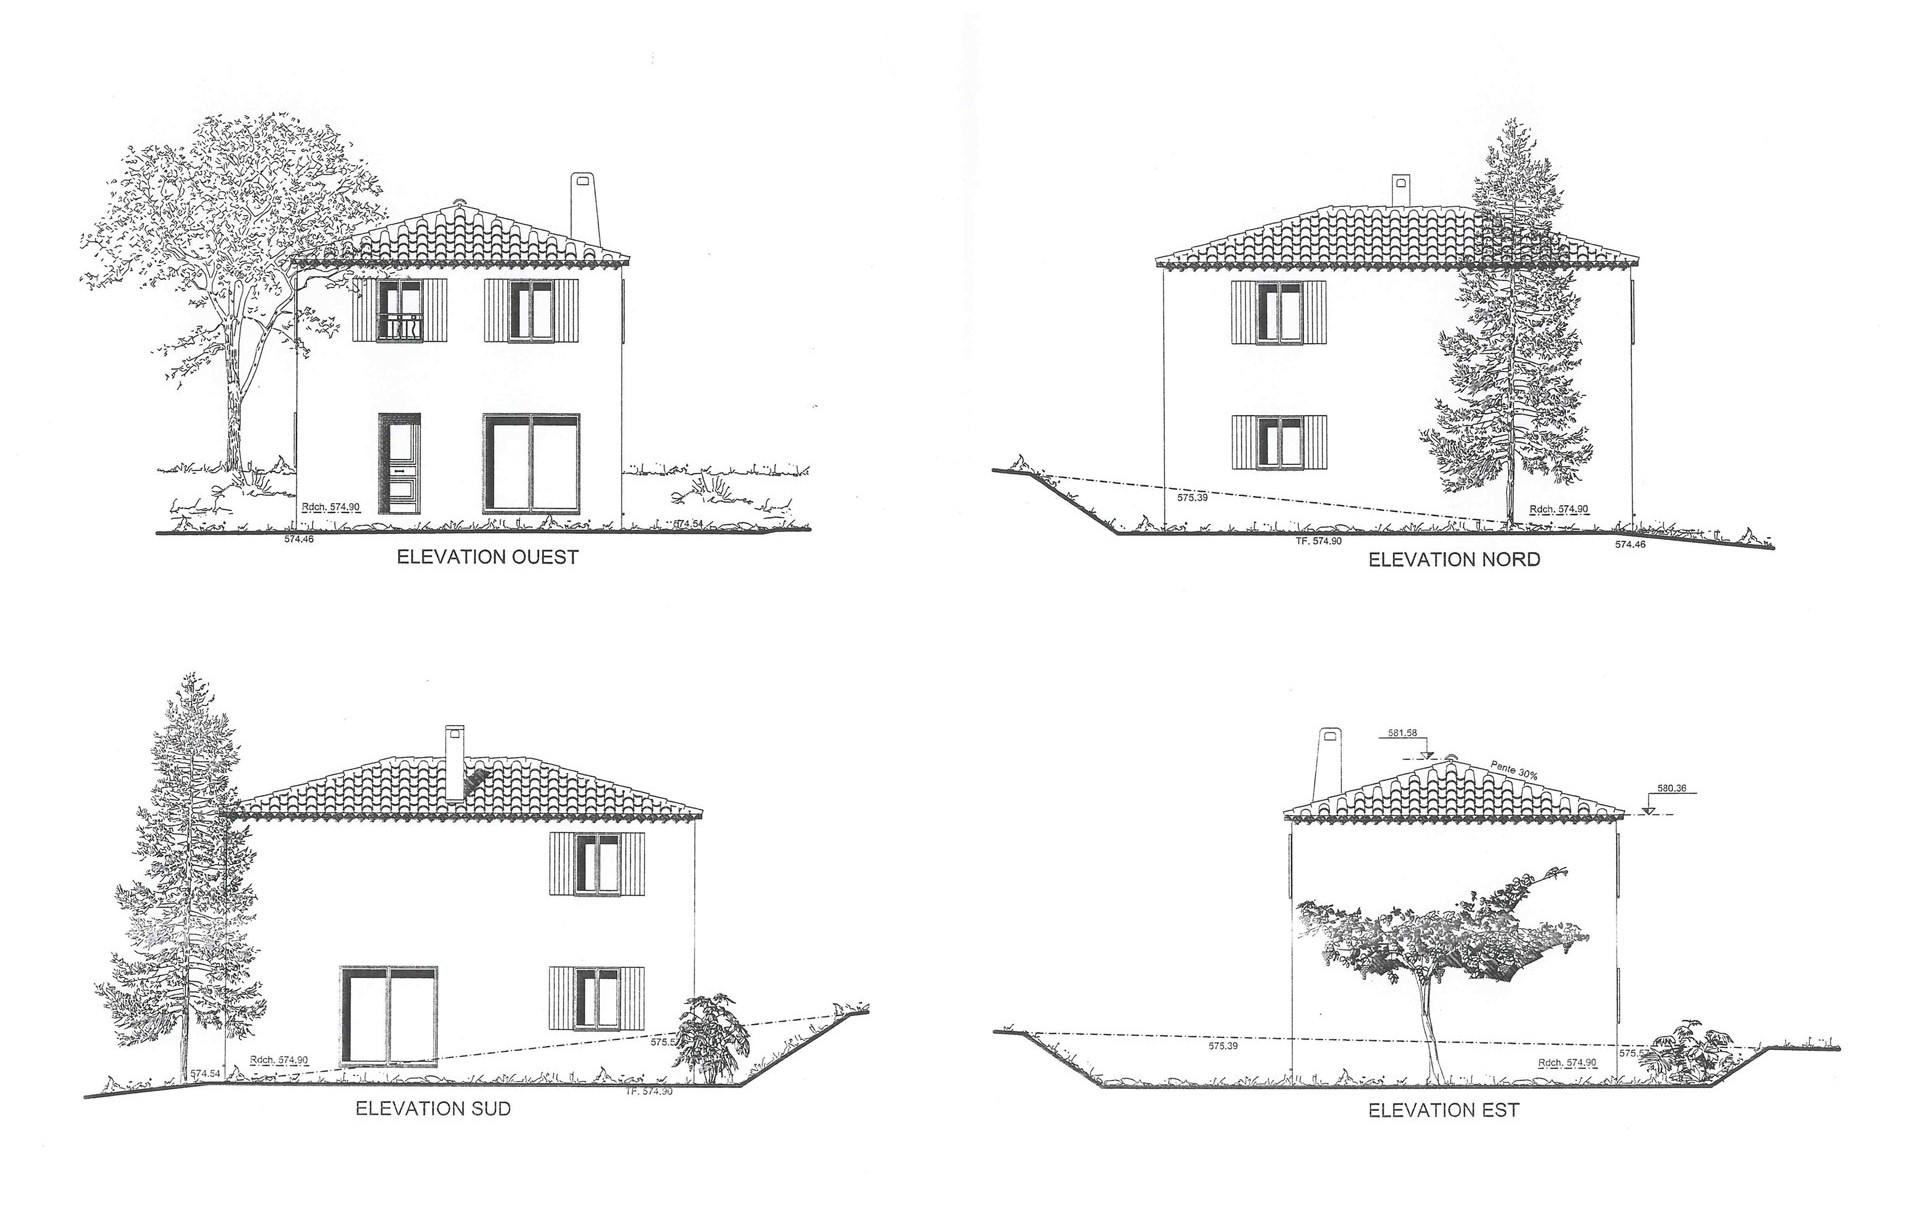 Notre future maison levens 2 le choix de la maison - Toit de maison dessin ...